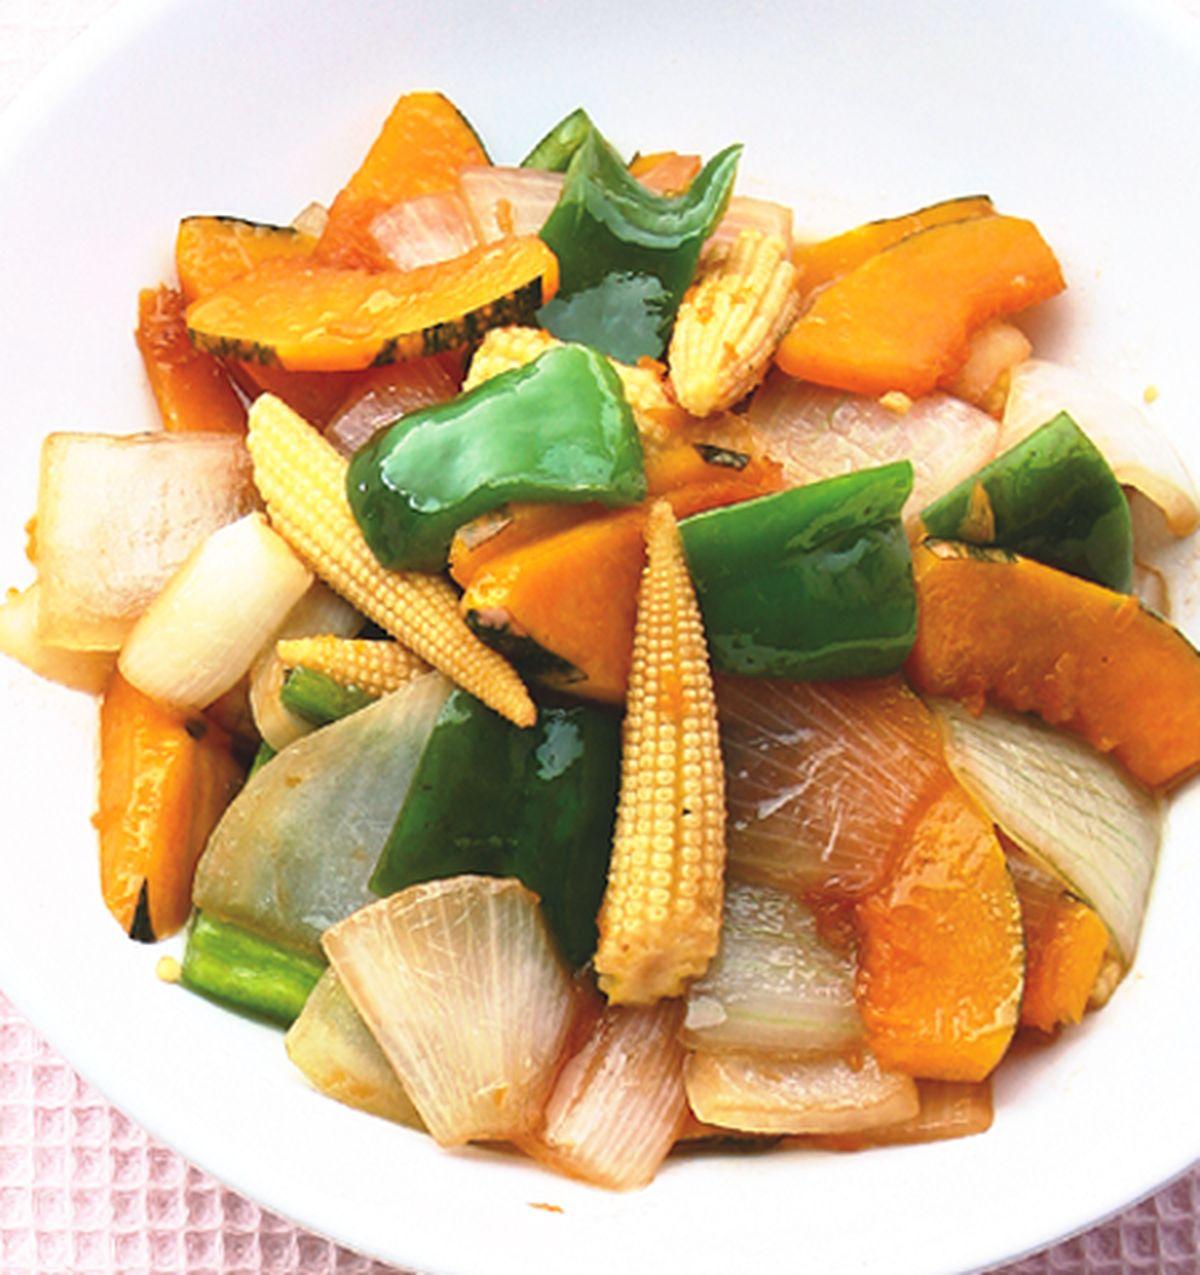 食譜:炒野菜什錦